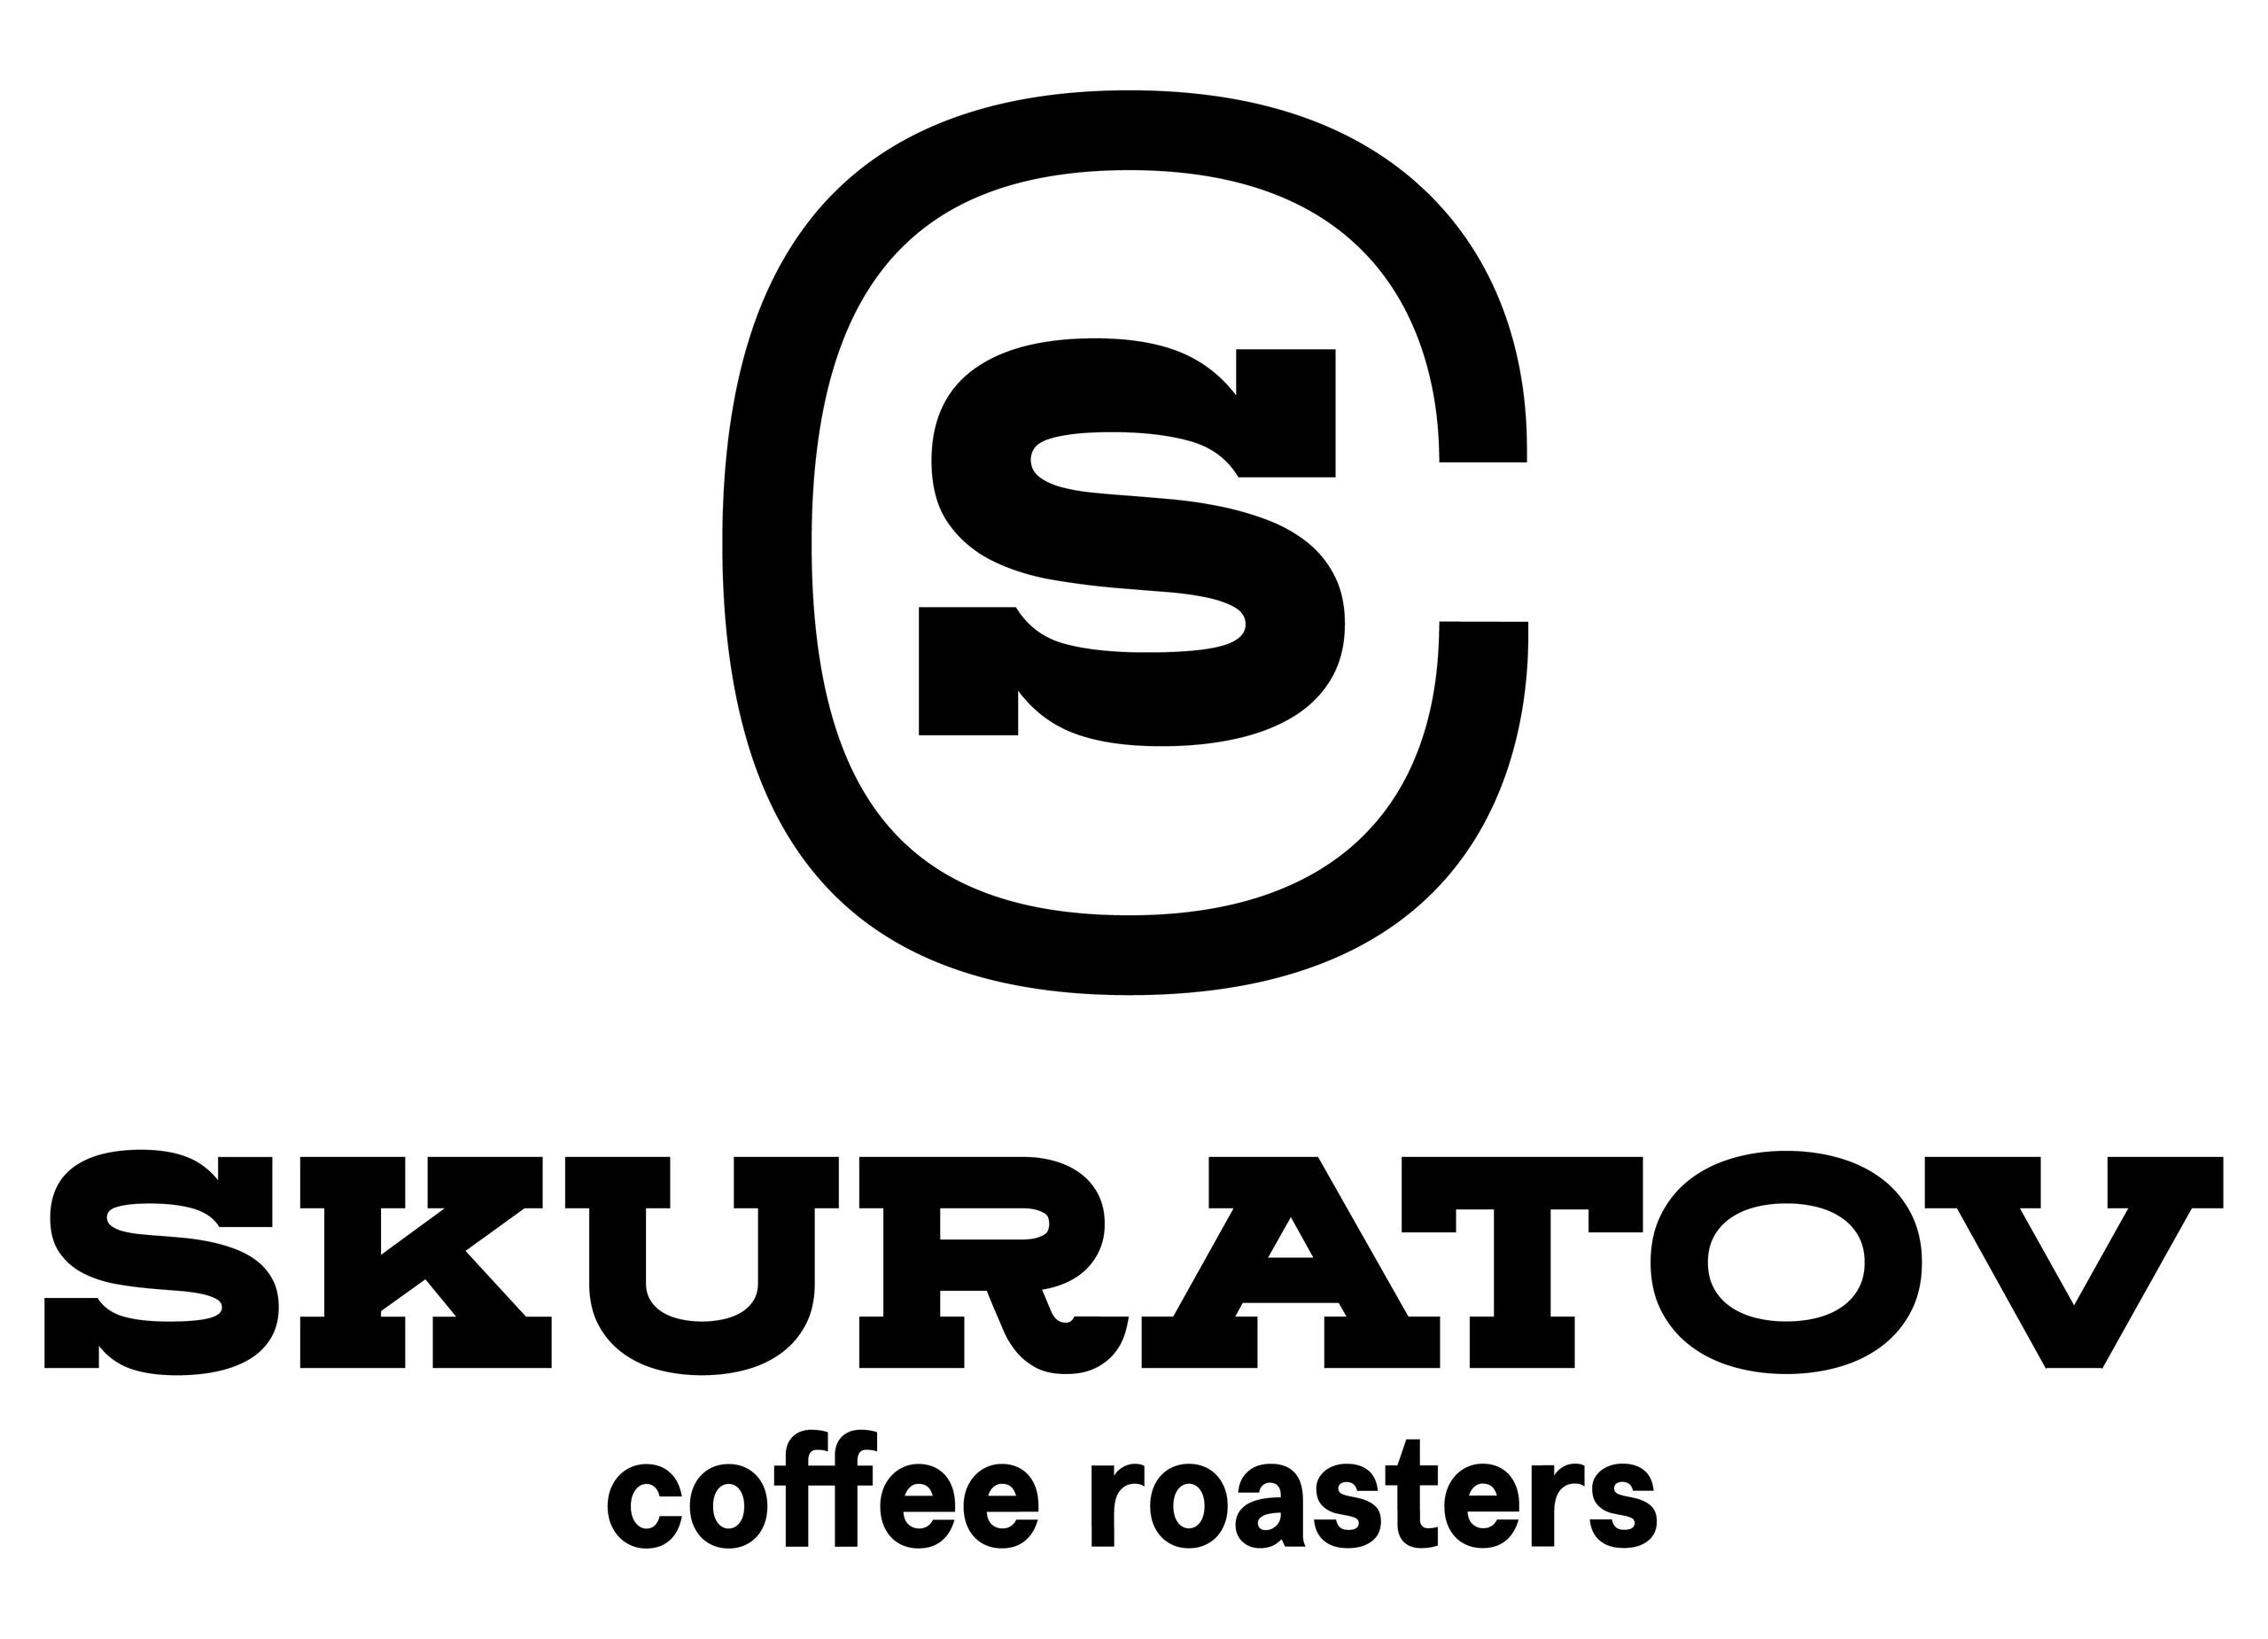 Skuratov Coffee logo